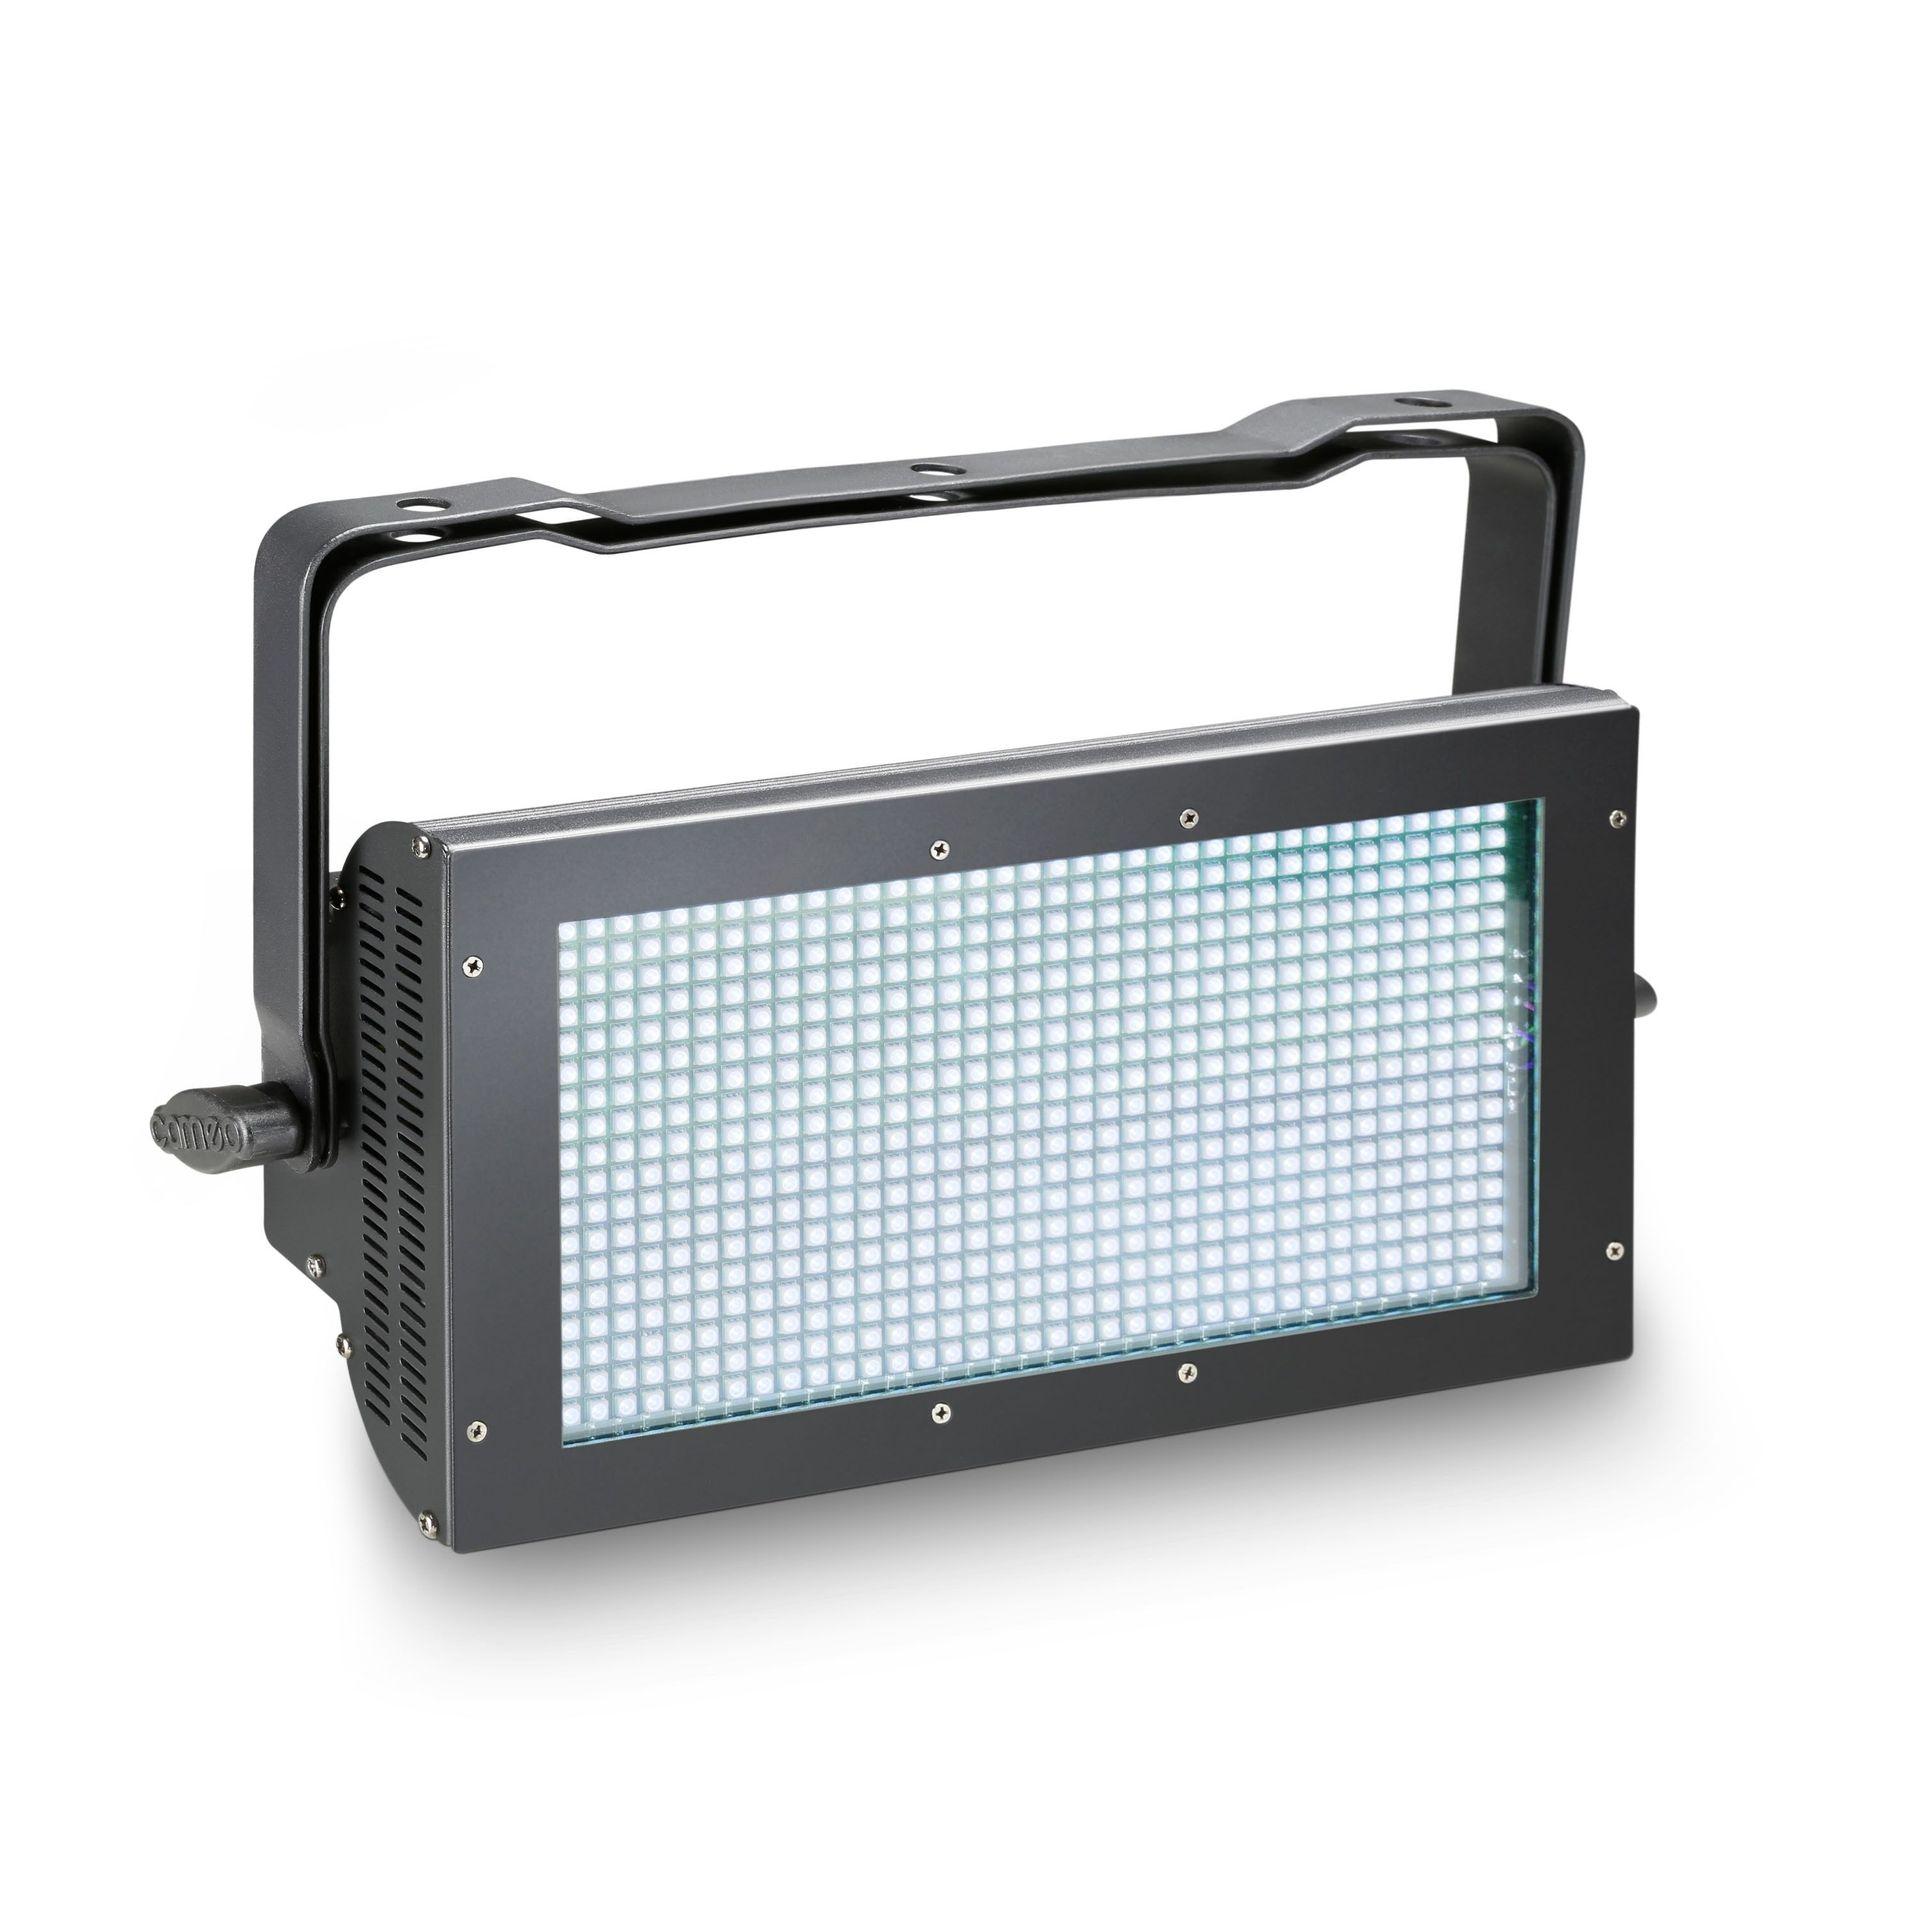 Cameo Thunder Wash 600 RGBW Lichteffekt 3 in 1 Strobe, Blinder und Wash Light